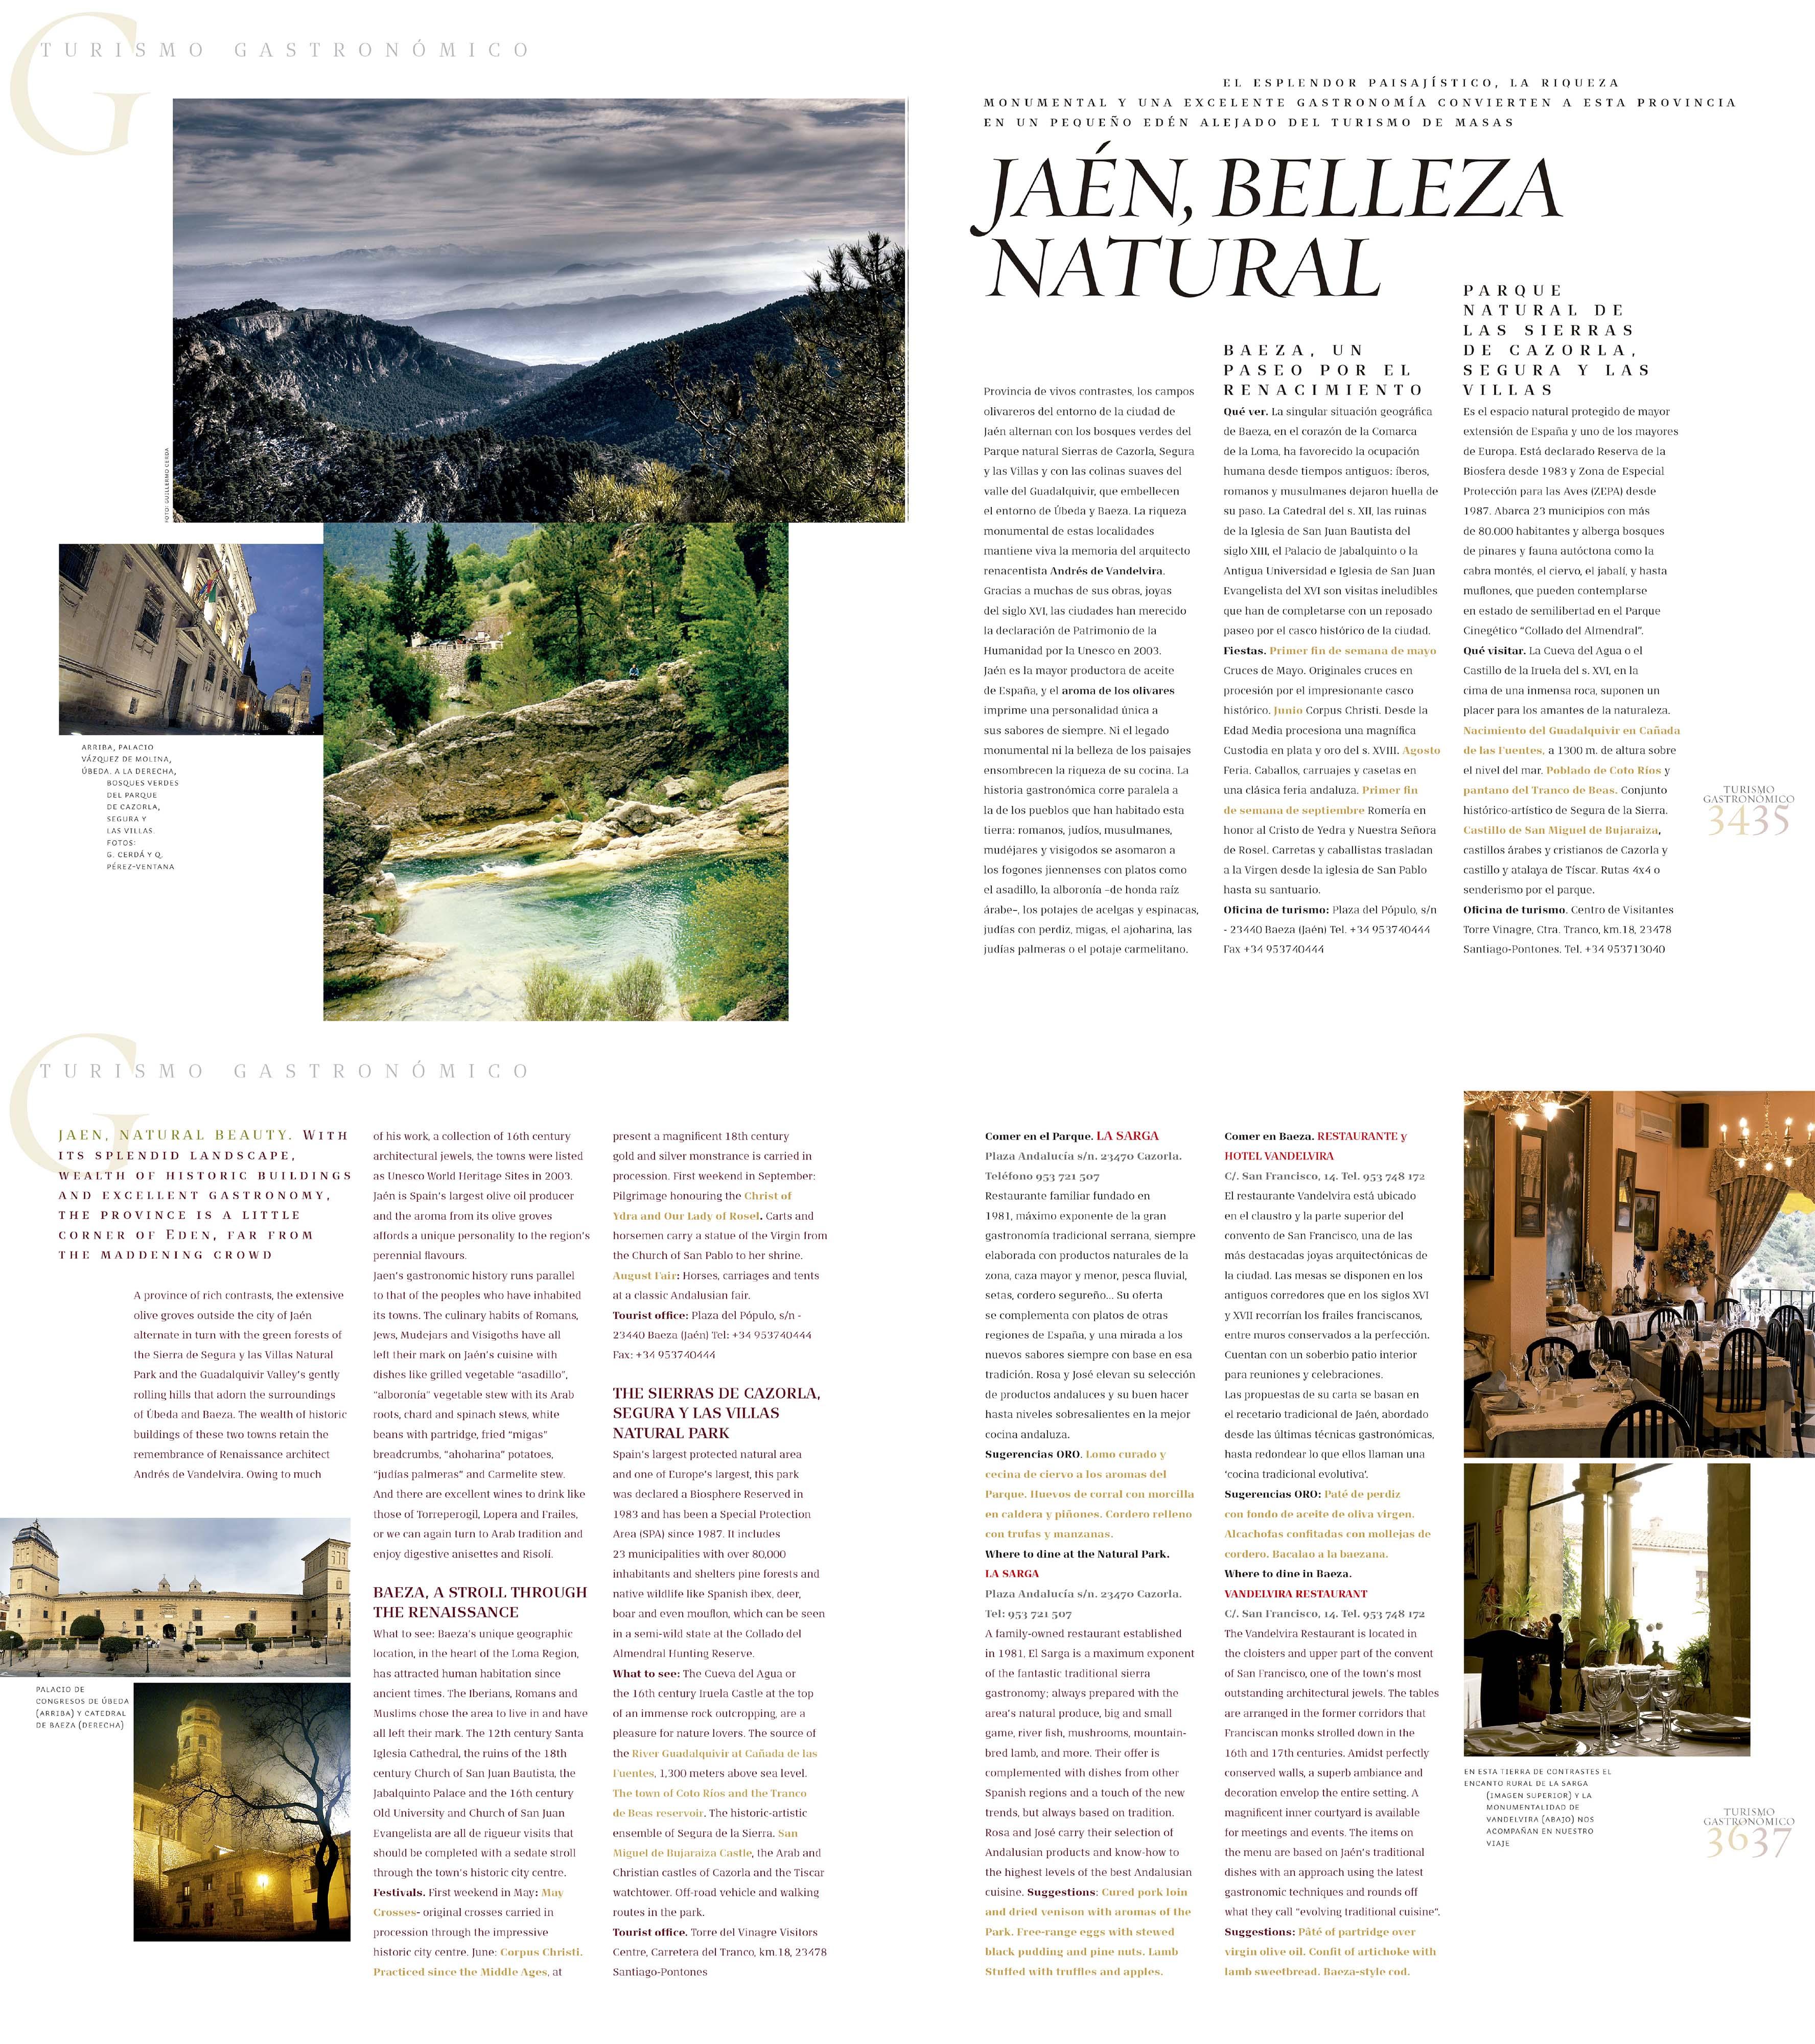 Turismo gastronómico - Jaén, belleza natural - La Sarga, Vandelvira | Revista ORO | oct 2008